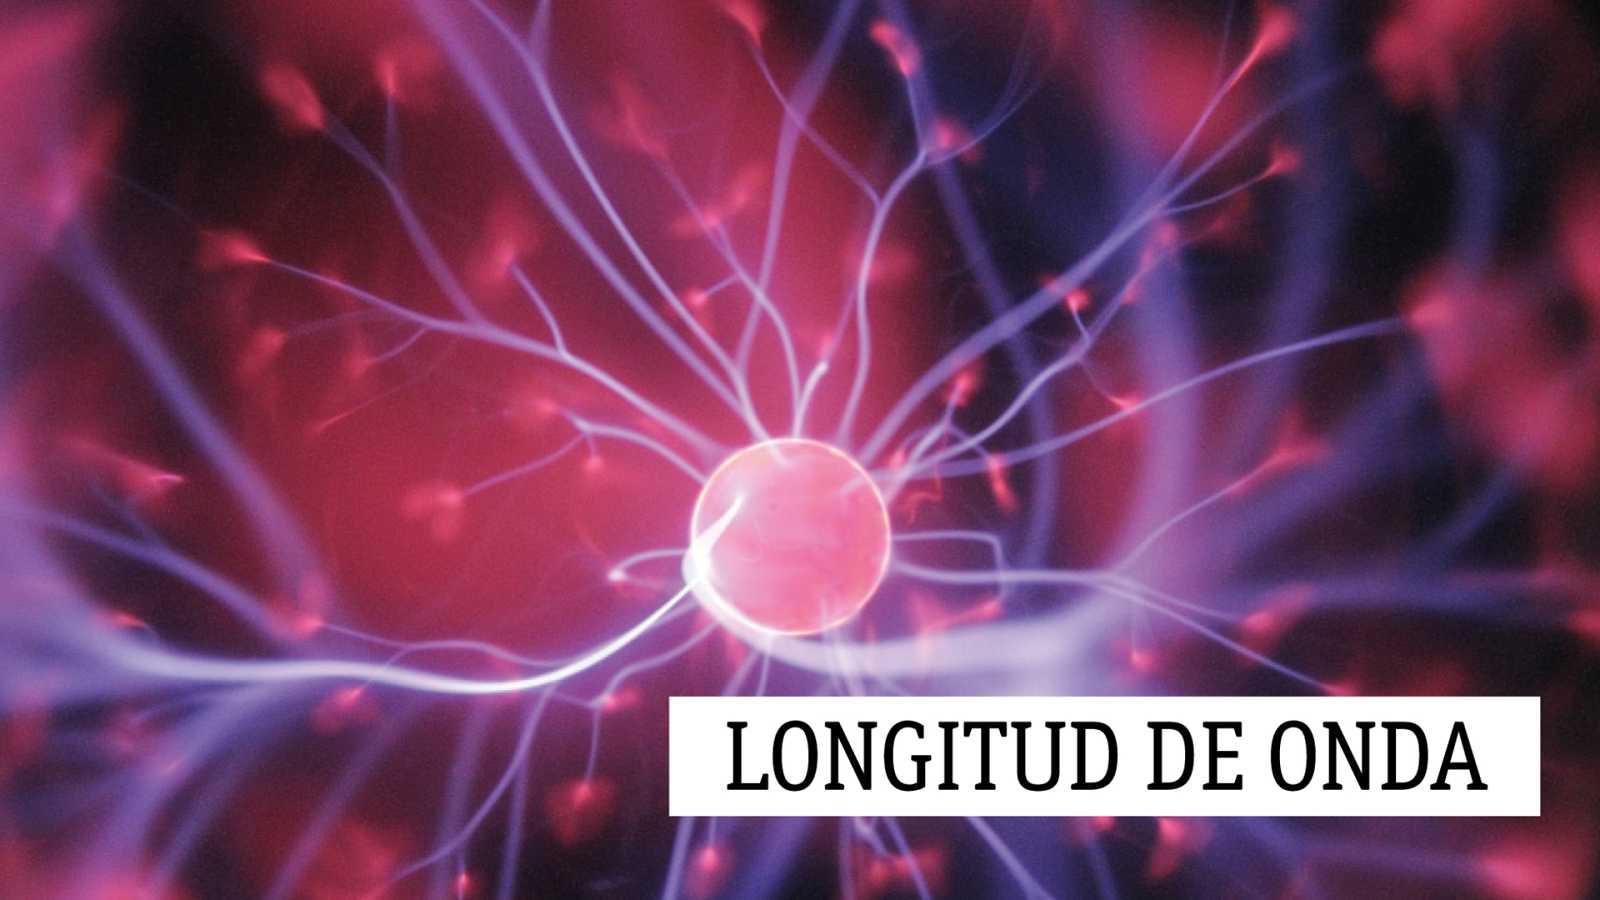 Longitud de onda - El cornezuelo del centeno - 10/06/21 - escuchar ahora